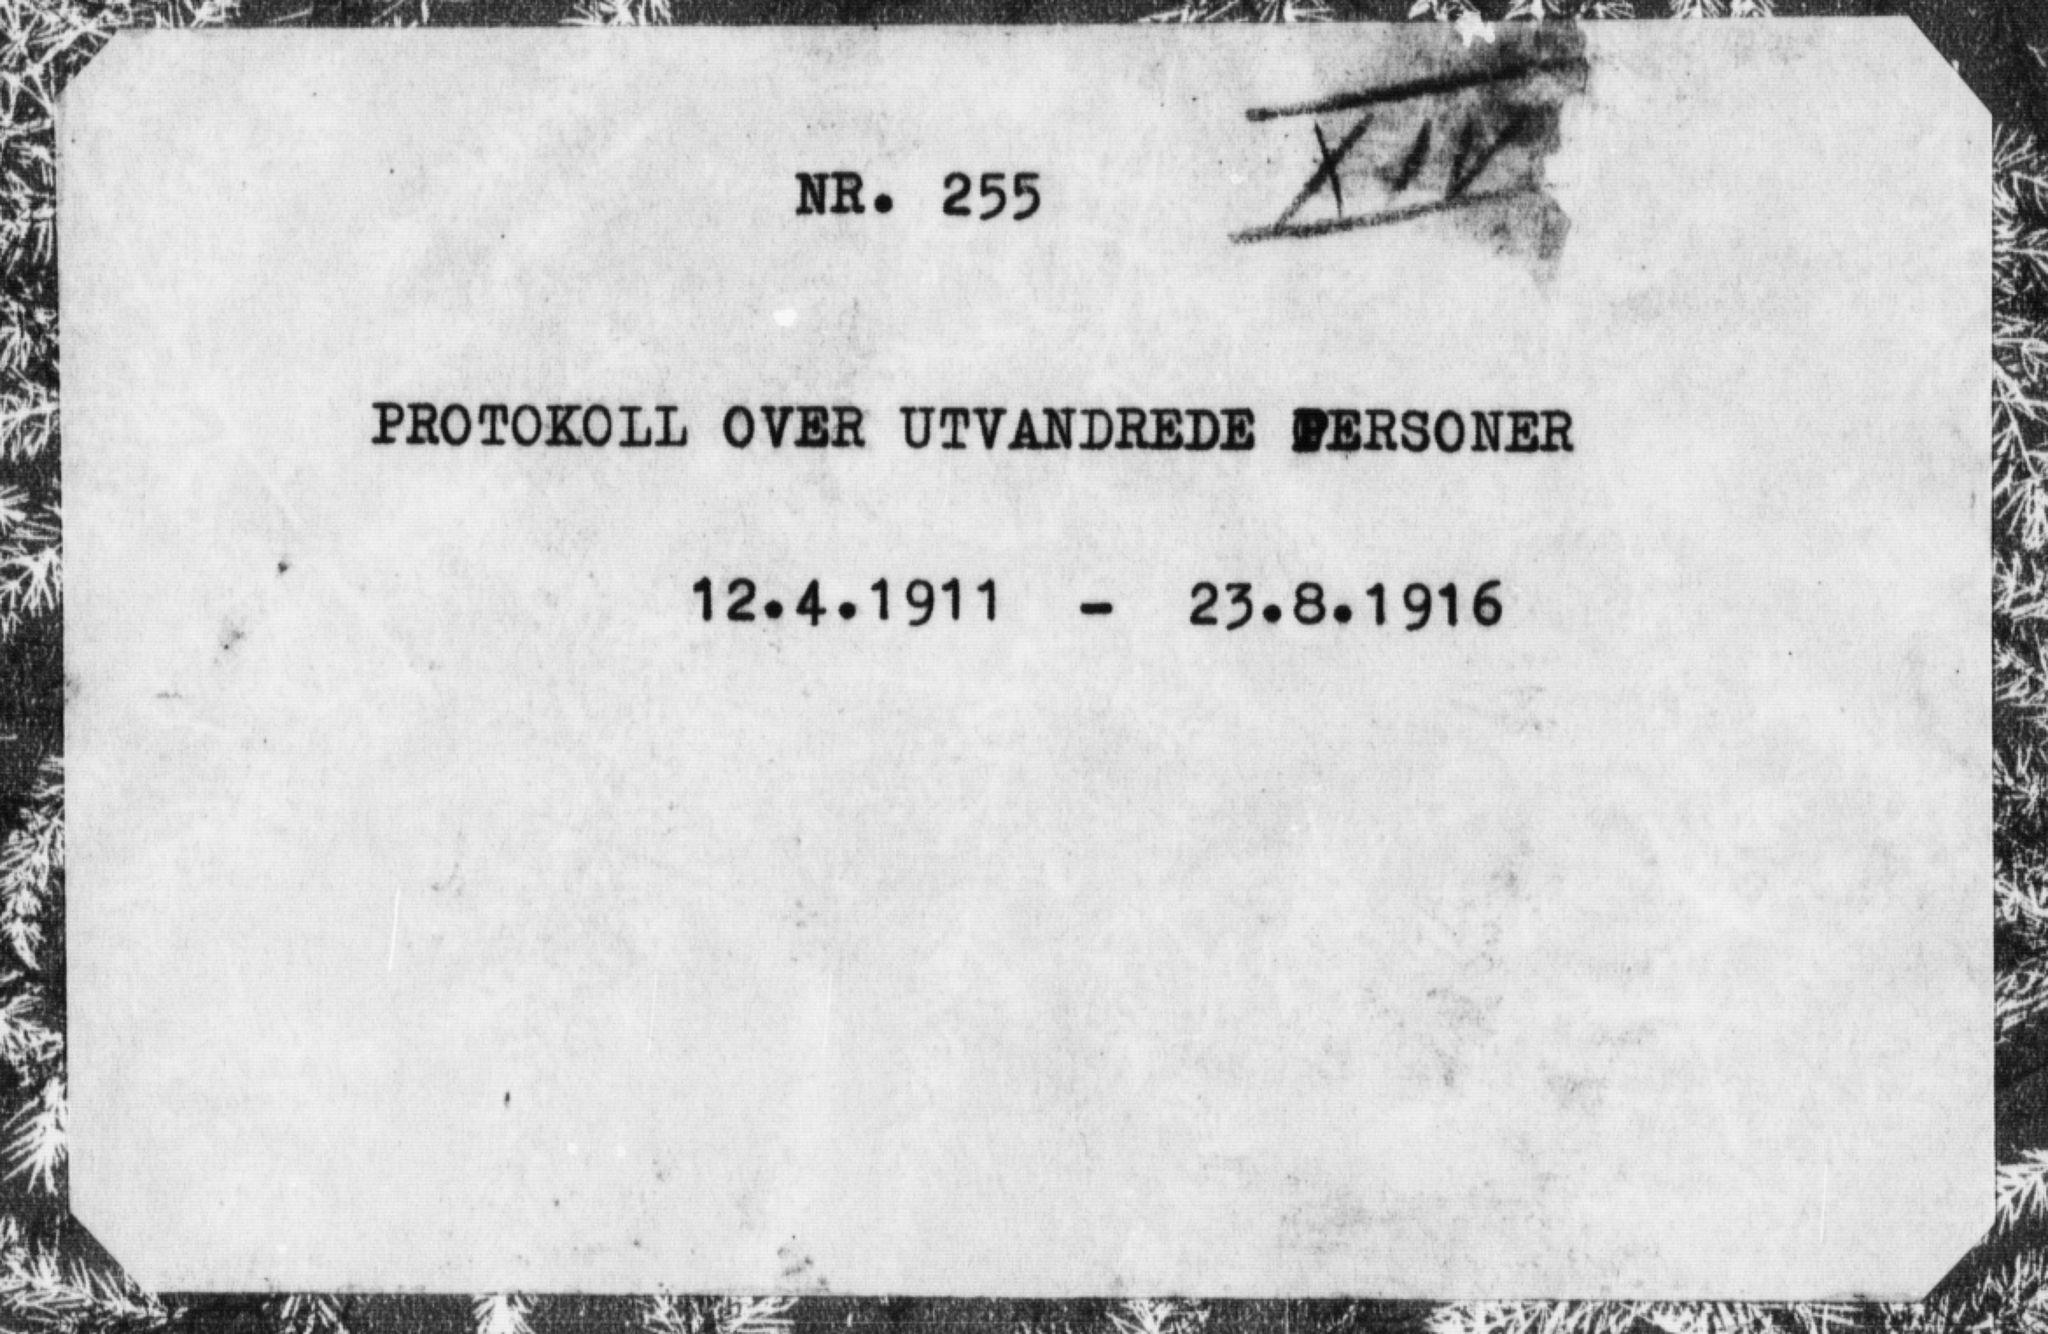 SAT, Trondheim politikammer, 32/L0015: Emigrantprotokoll XIV, 1911-1916